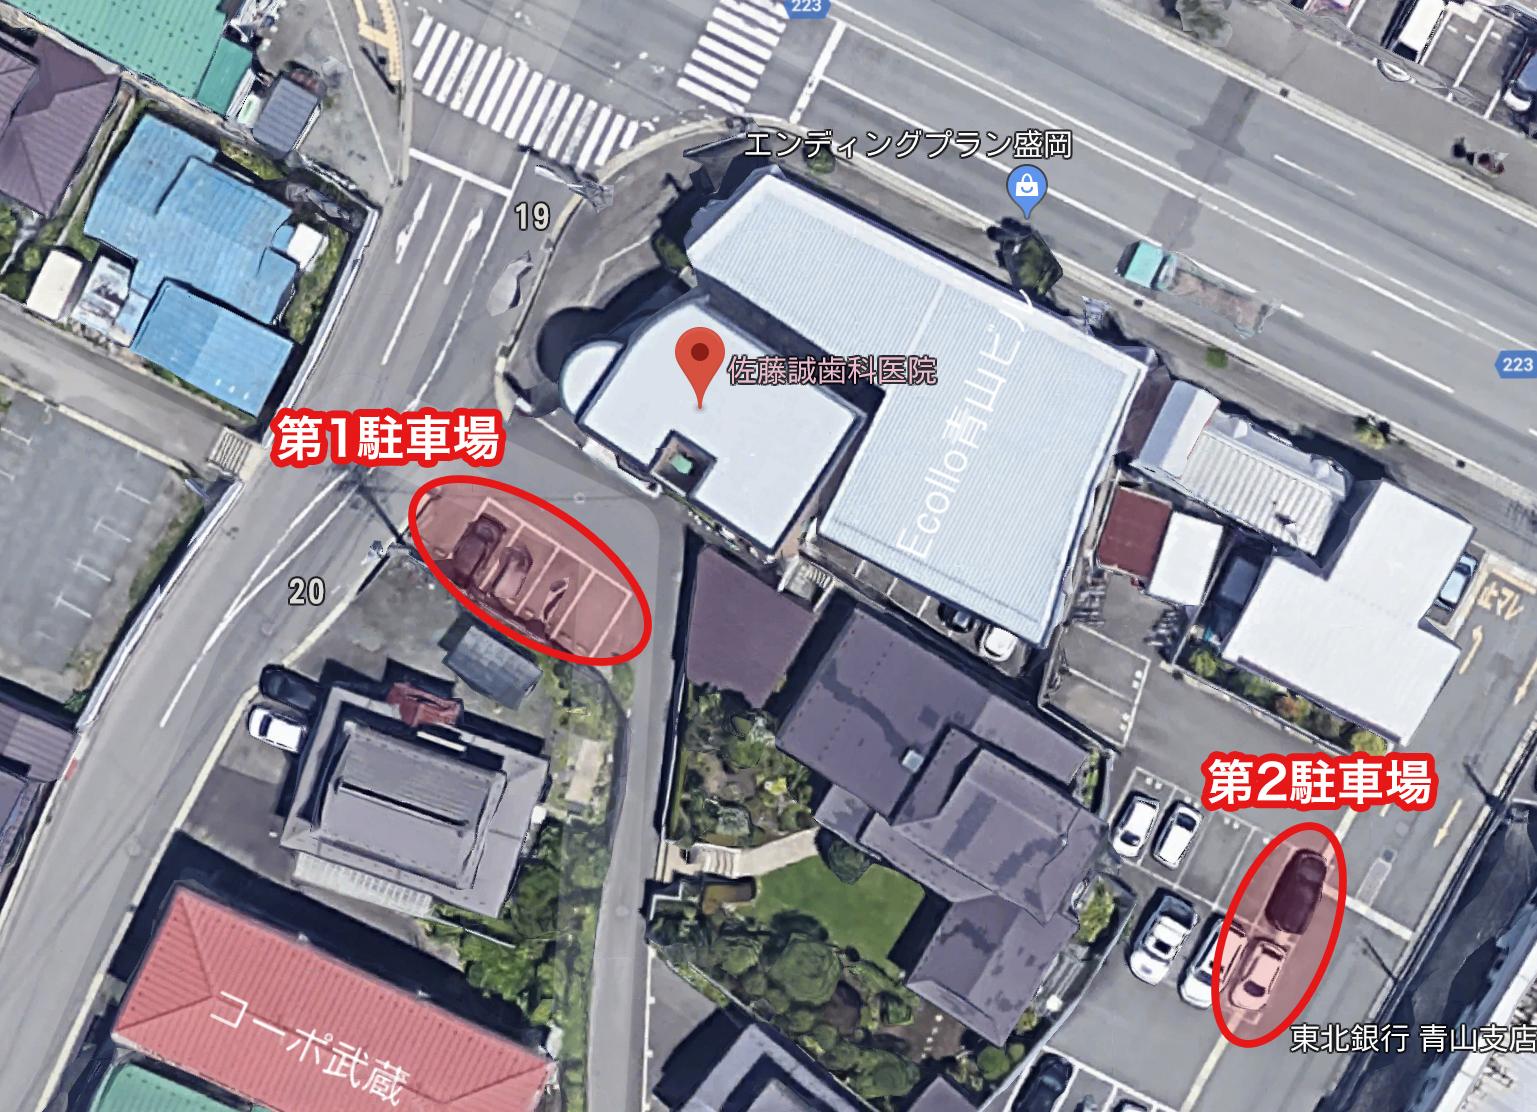 佐藤誠歯科医院 駐車場